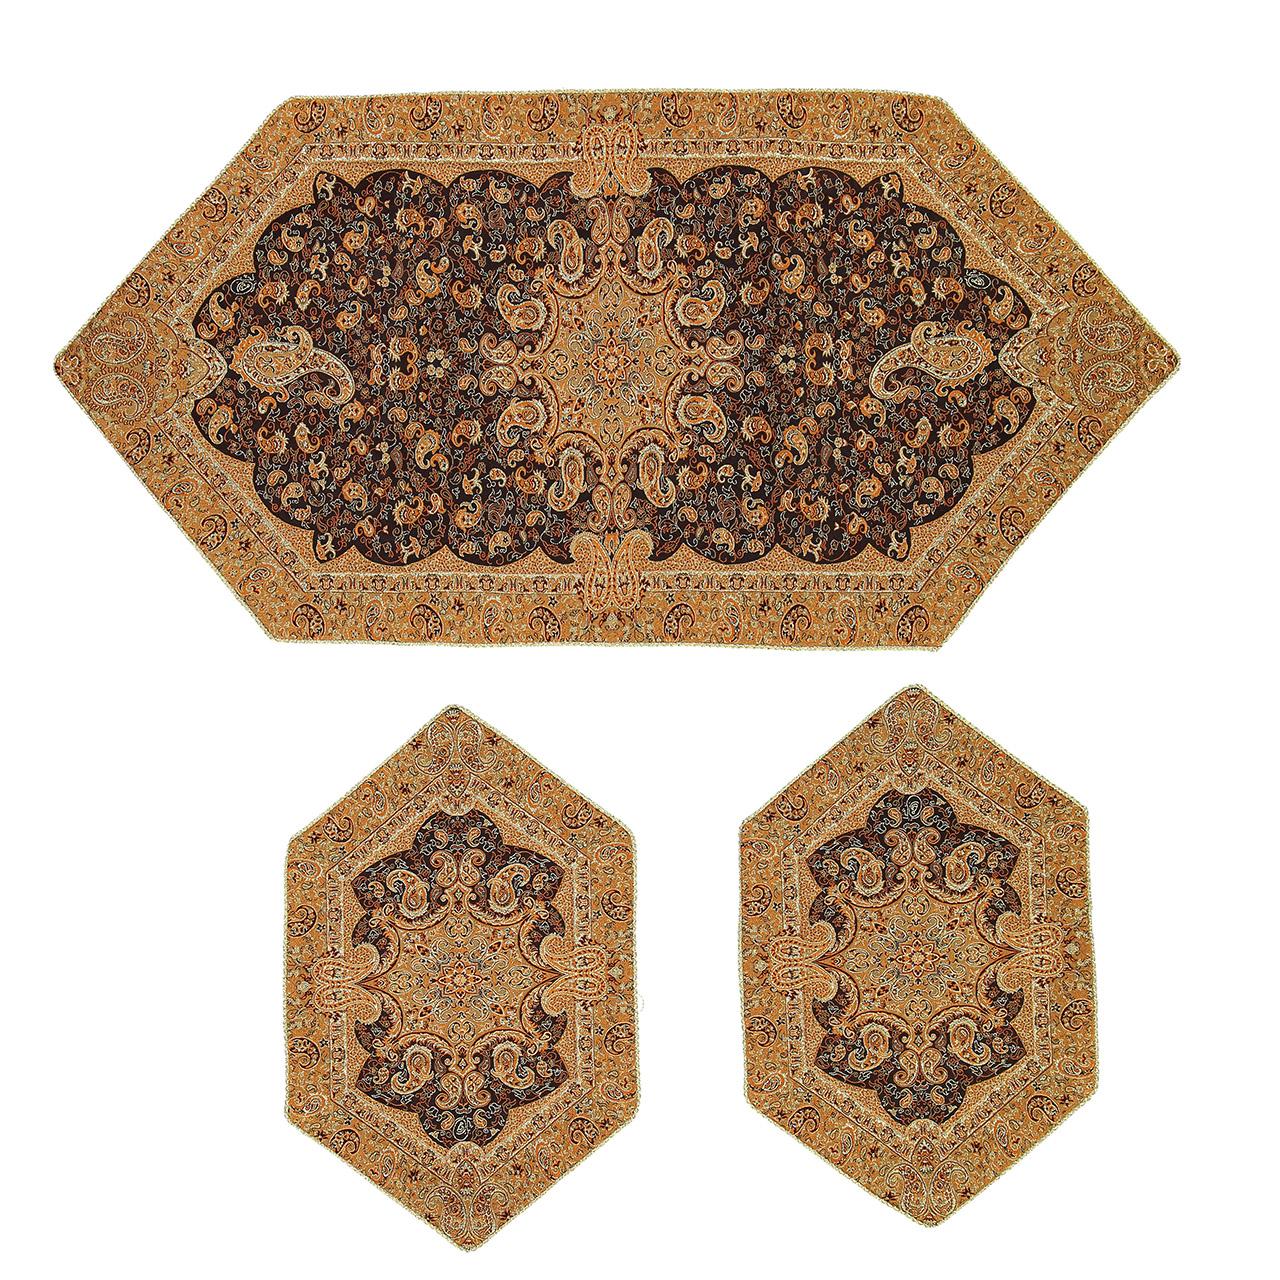 ست رومیزی سپهر یاس ترمه  مدل بته جقه قهوه ای عسلی کد 11 مجموعه سه عددی